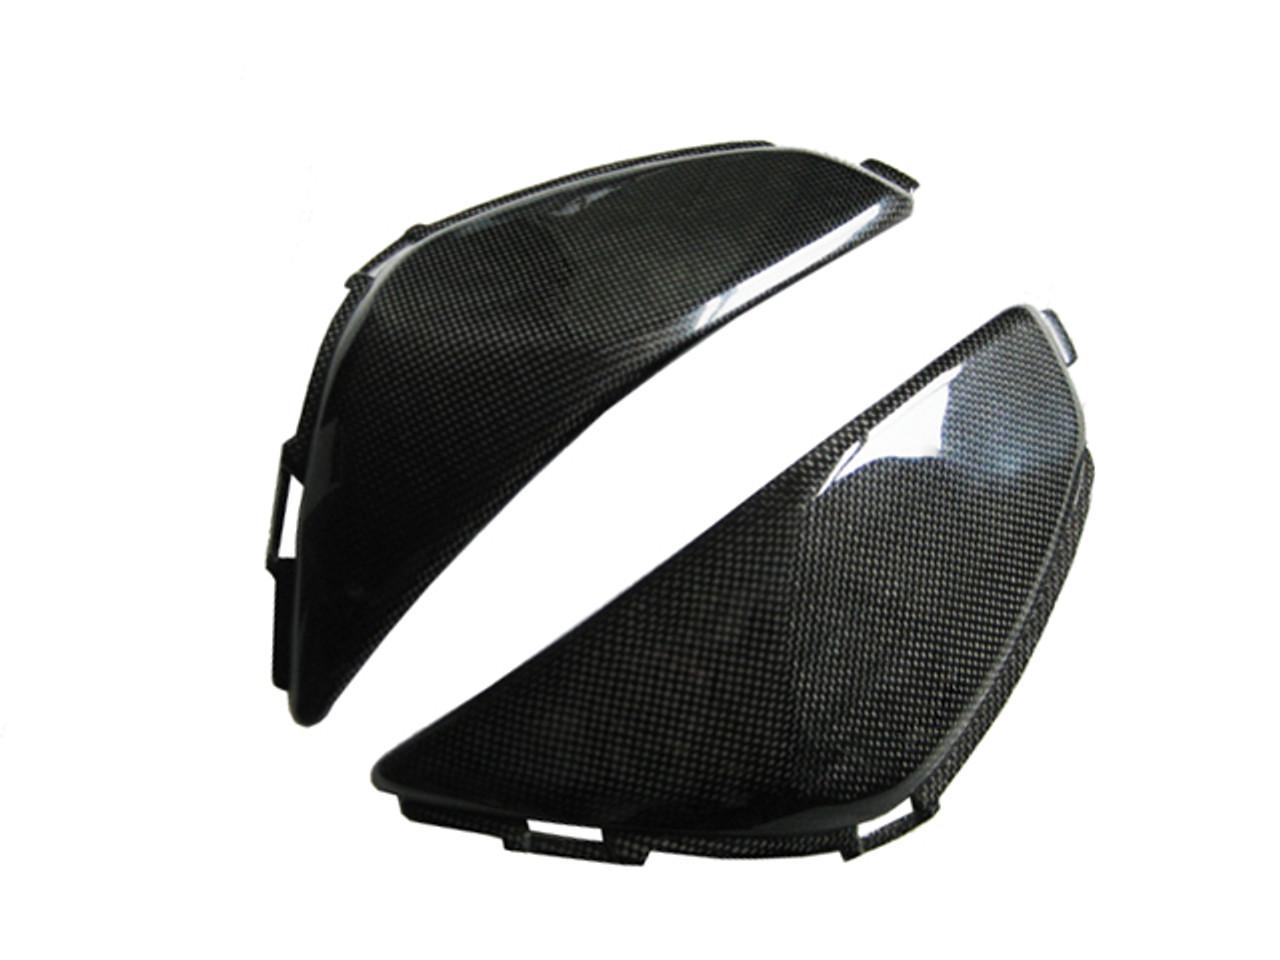 Side Tank Covers for Honda CBR 600RR 07-12 in Glossy Plain Weave Carbon Fiber